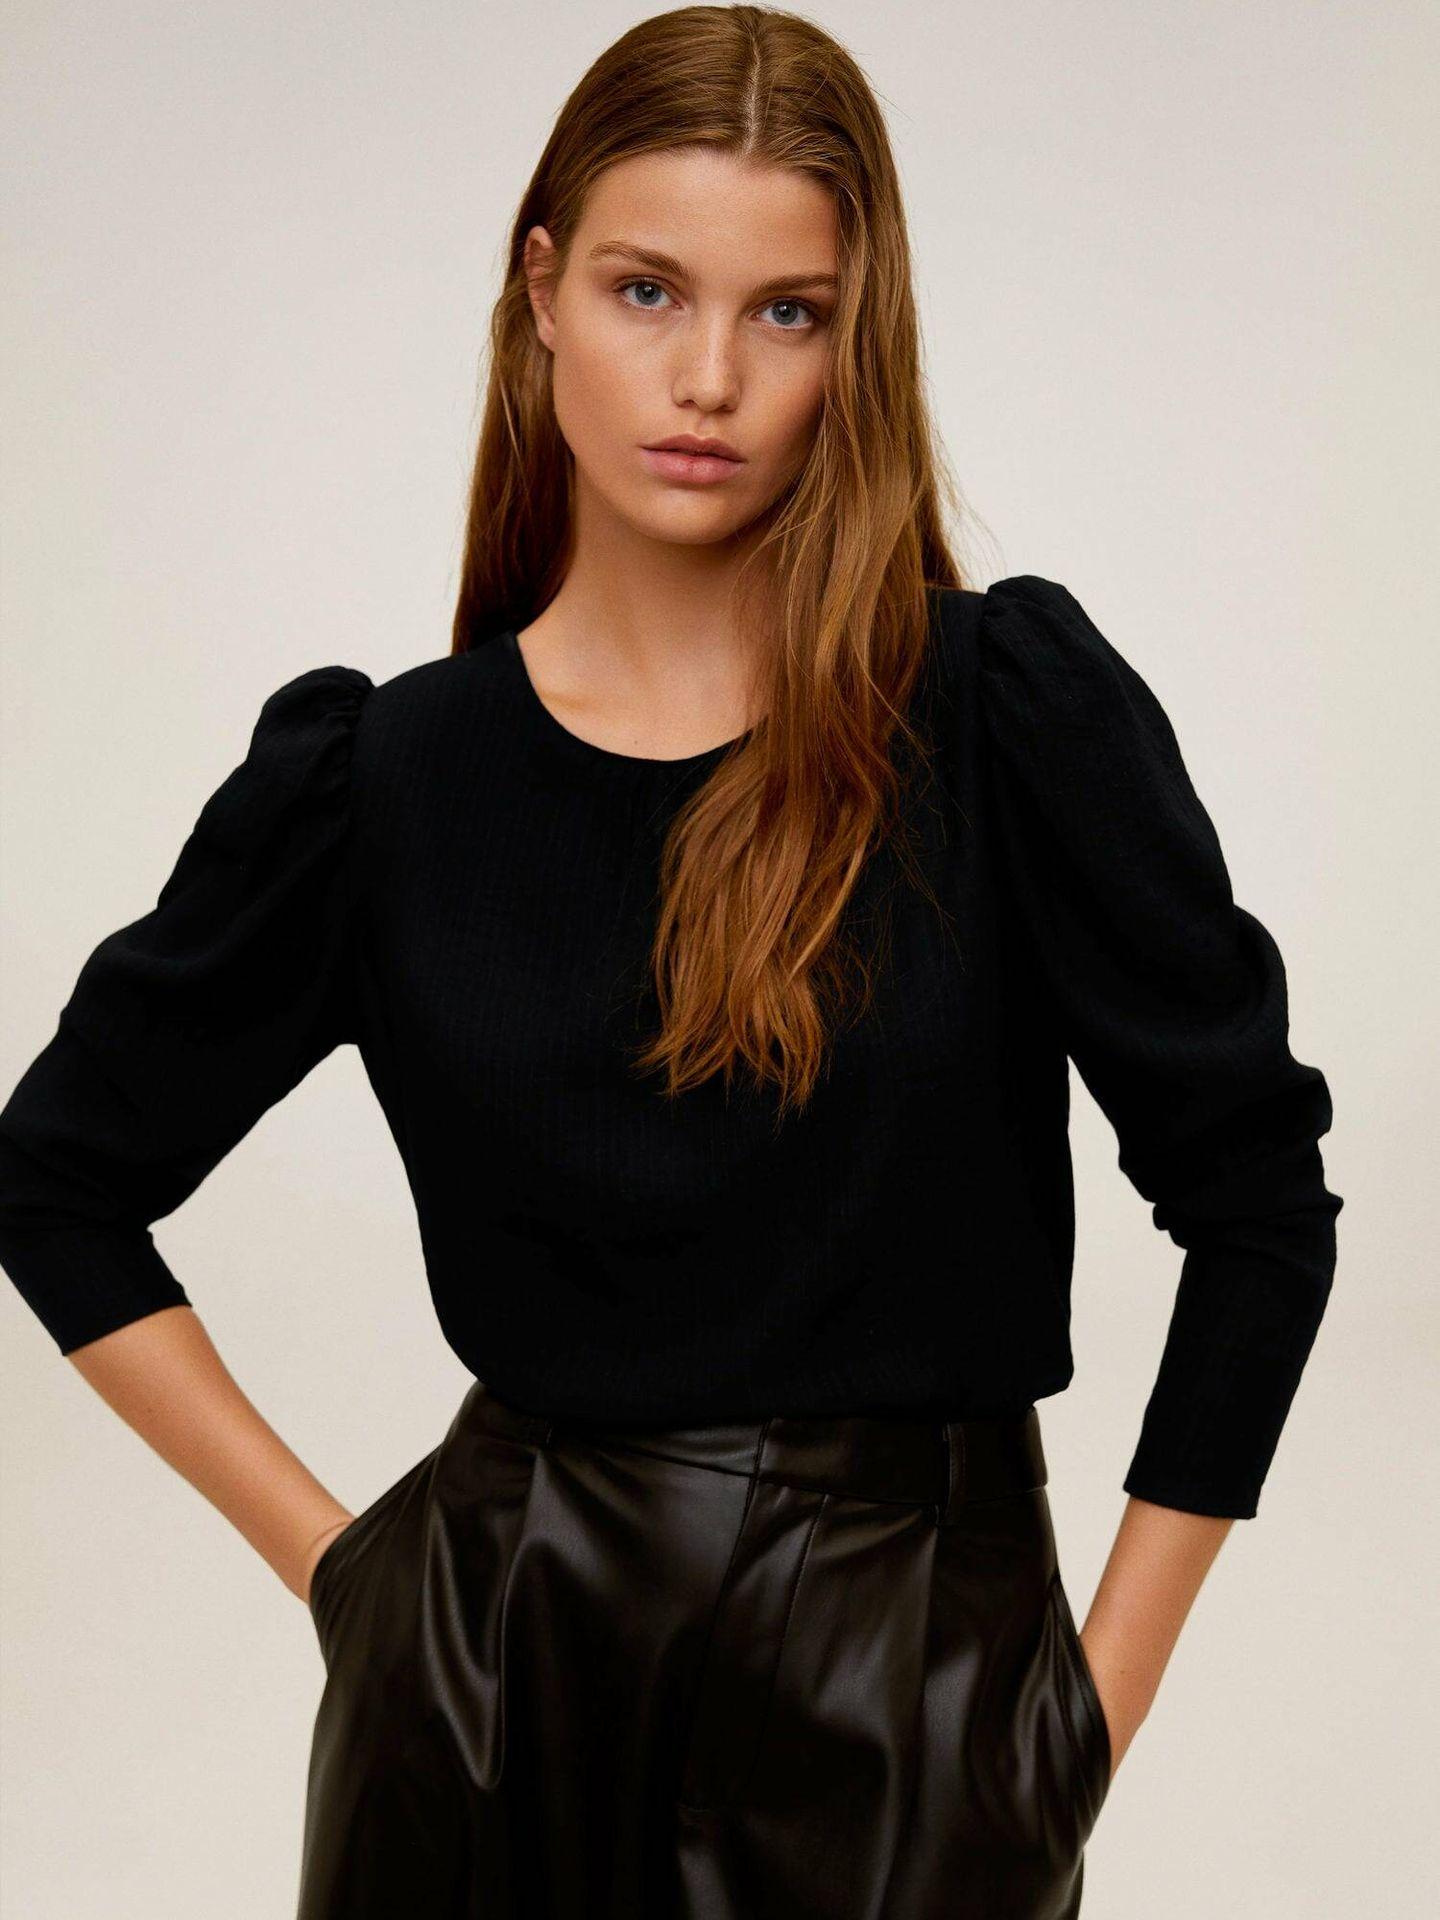 Blusa negra con mangas abullonadas de Mango Outlet. (Cortesía)